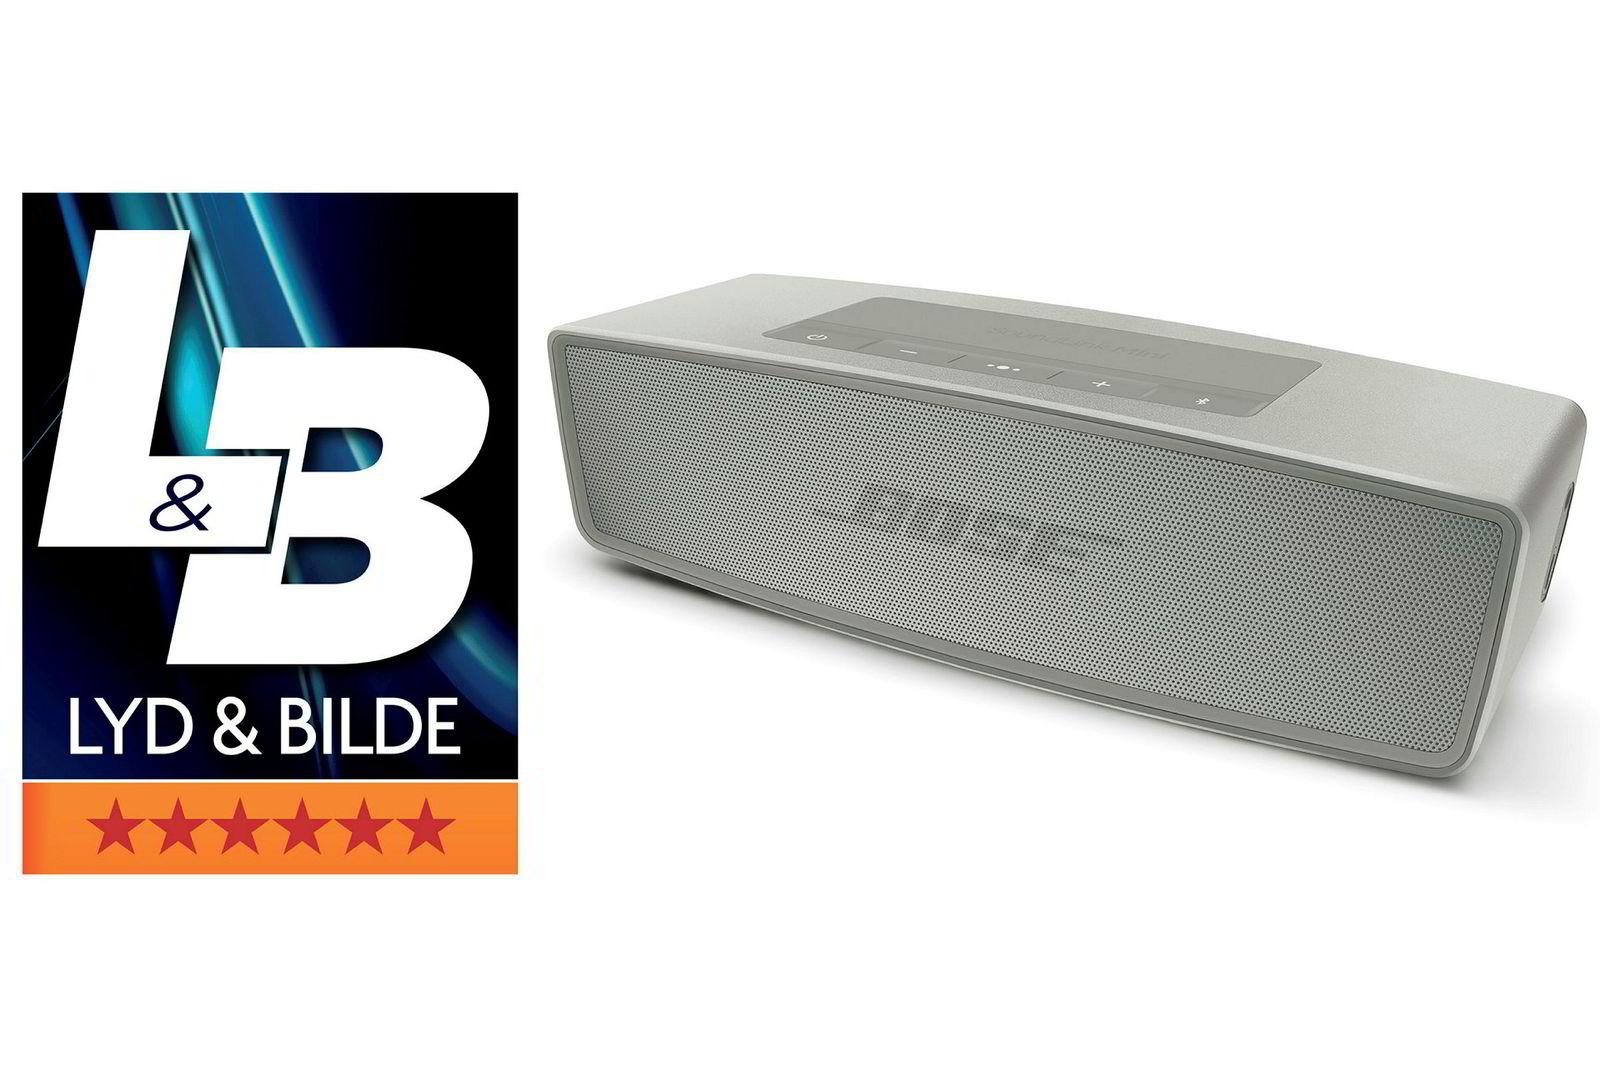 Bose SoundLink Mini 2.